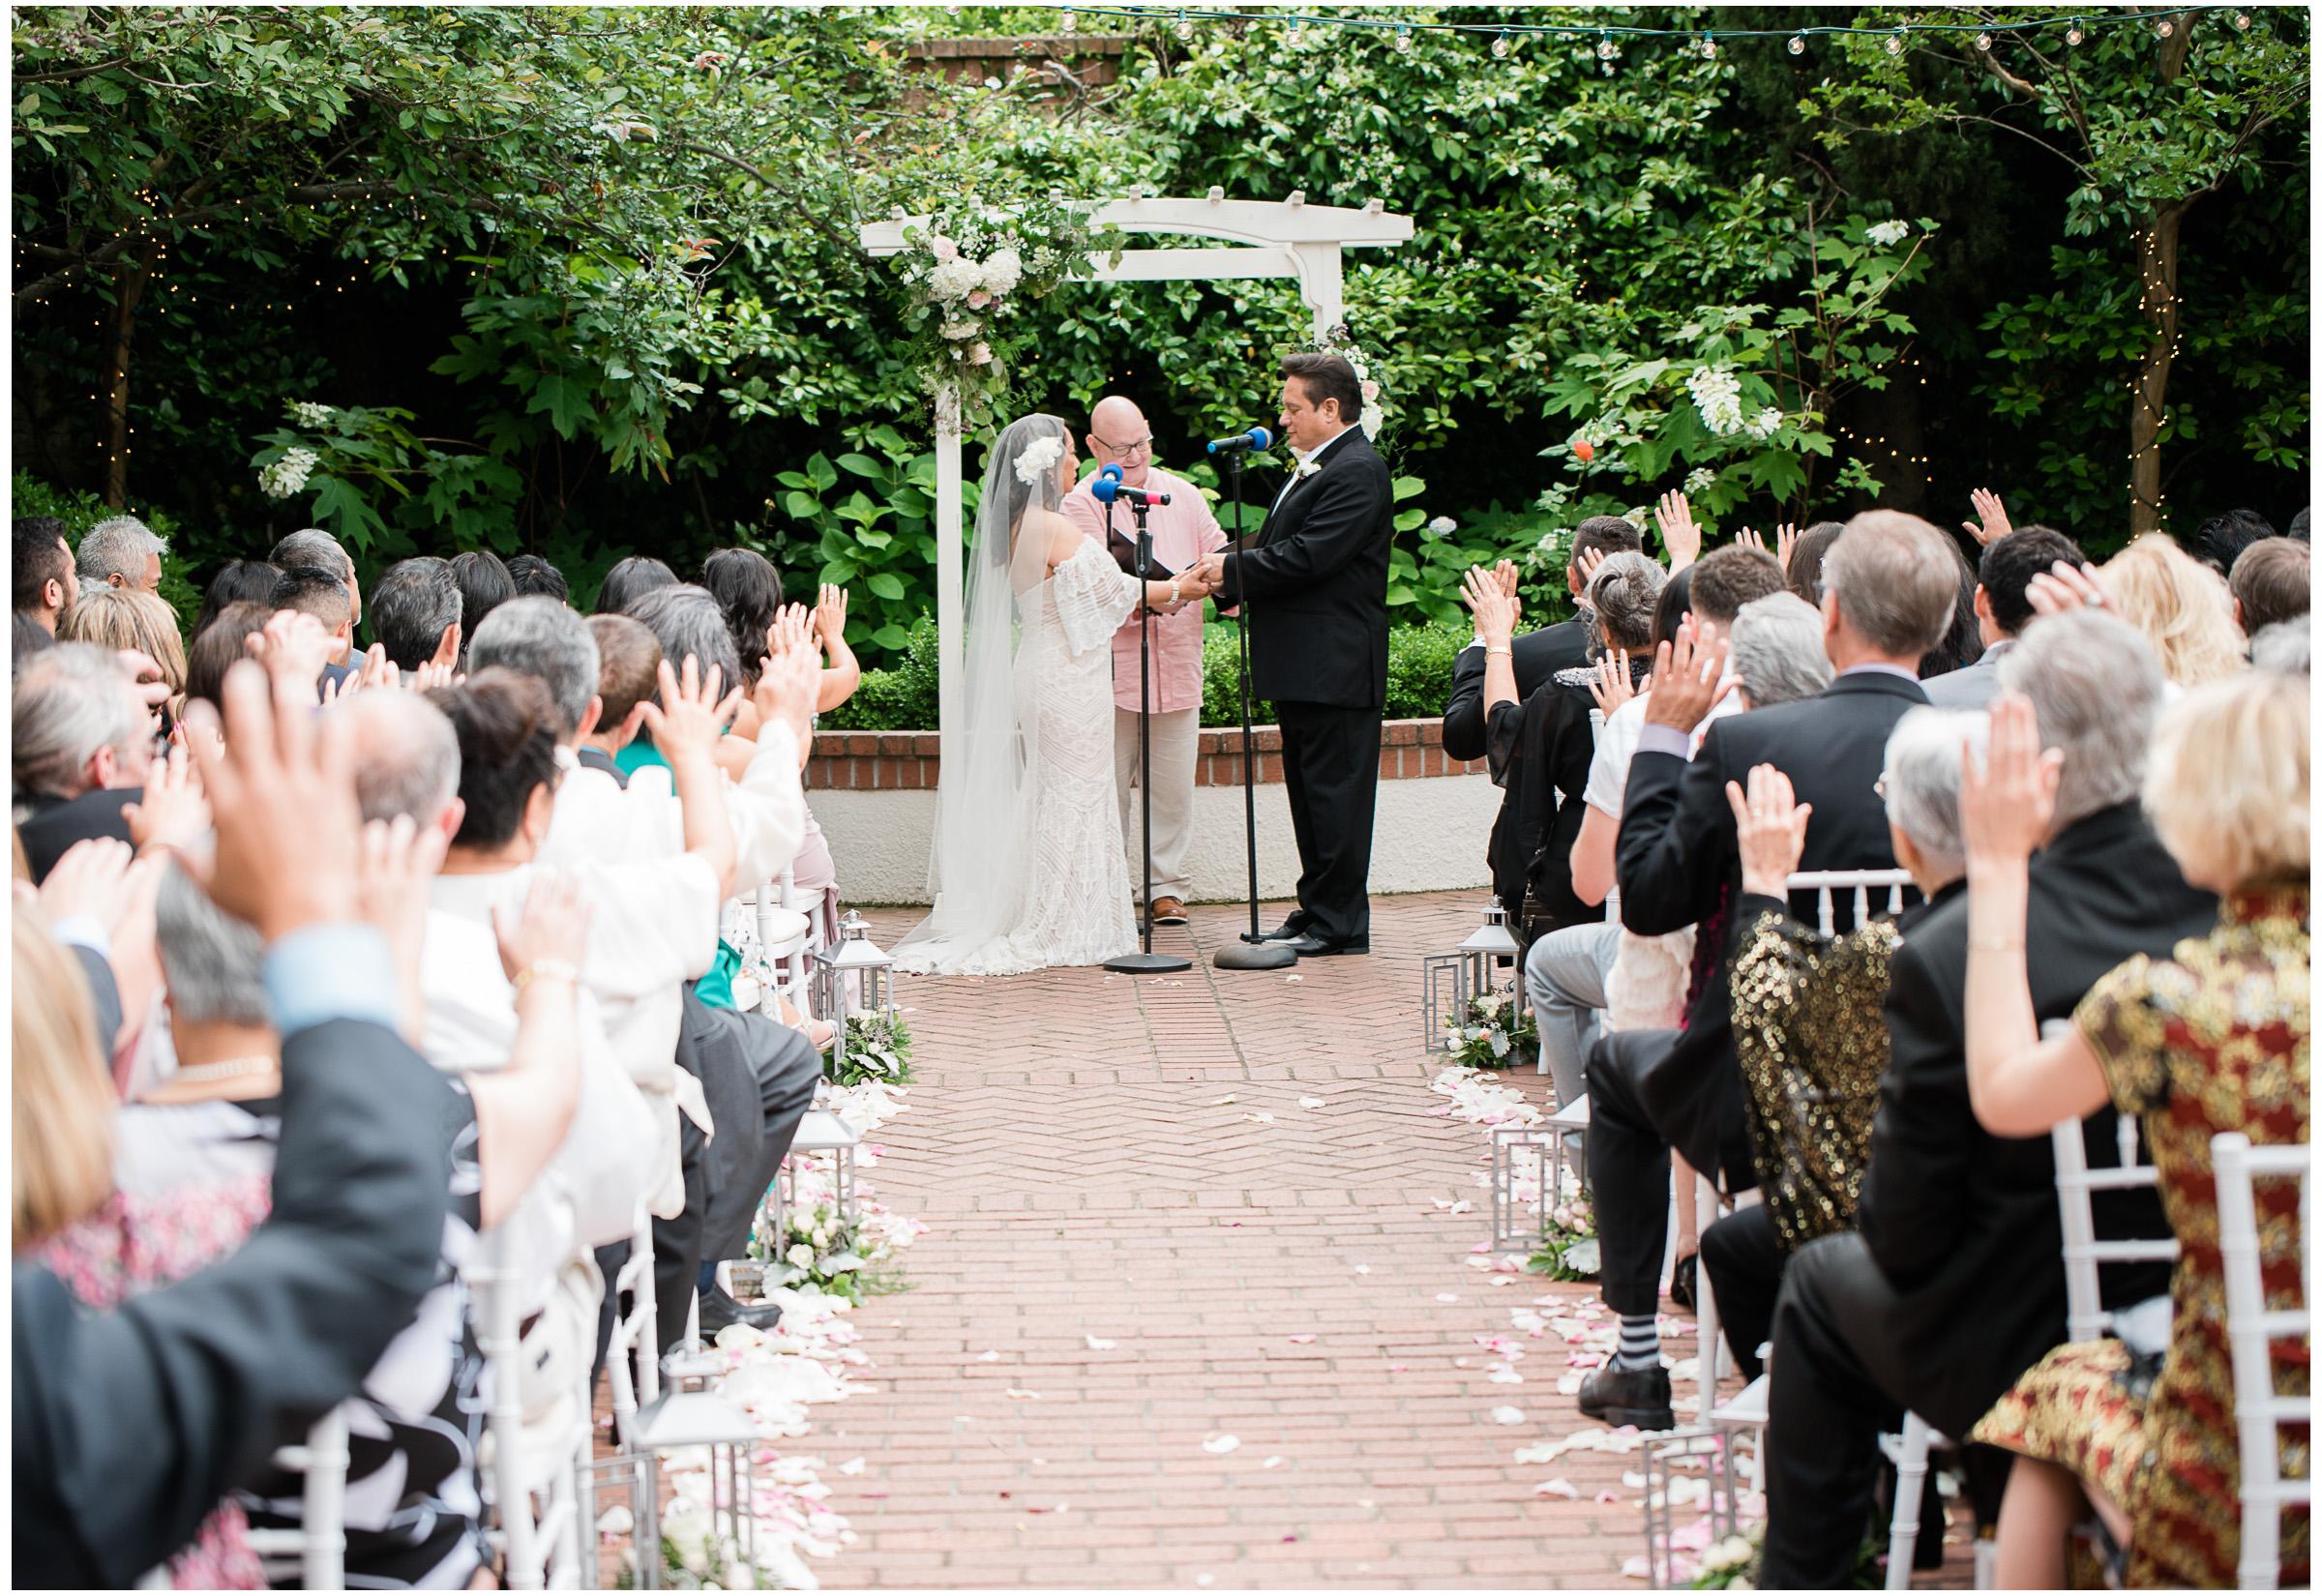 Sacramento Wedding - Sacramento Photographer - Vizcaya - Justin Wilcox Photography - 12.jpg